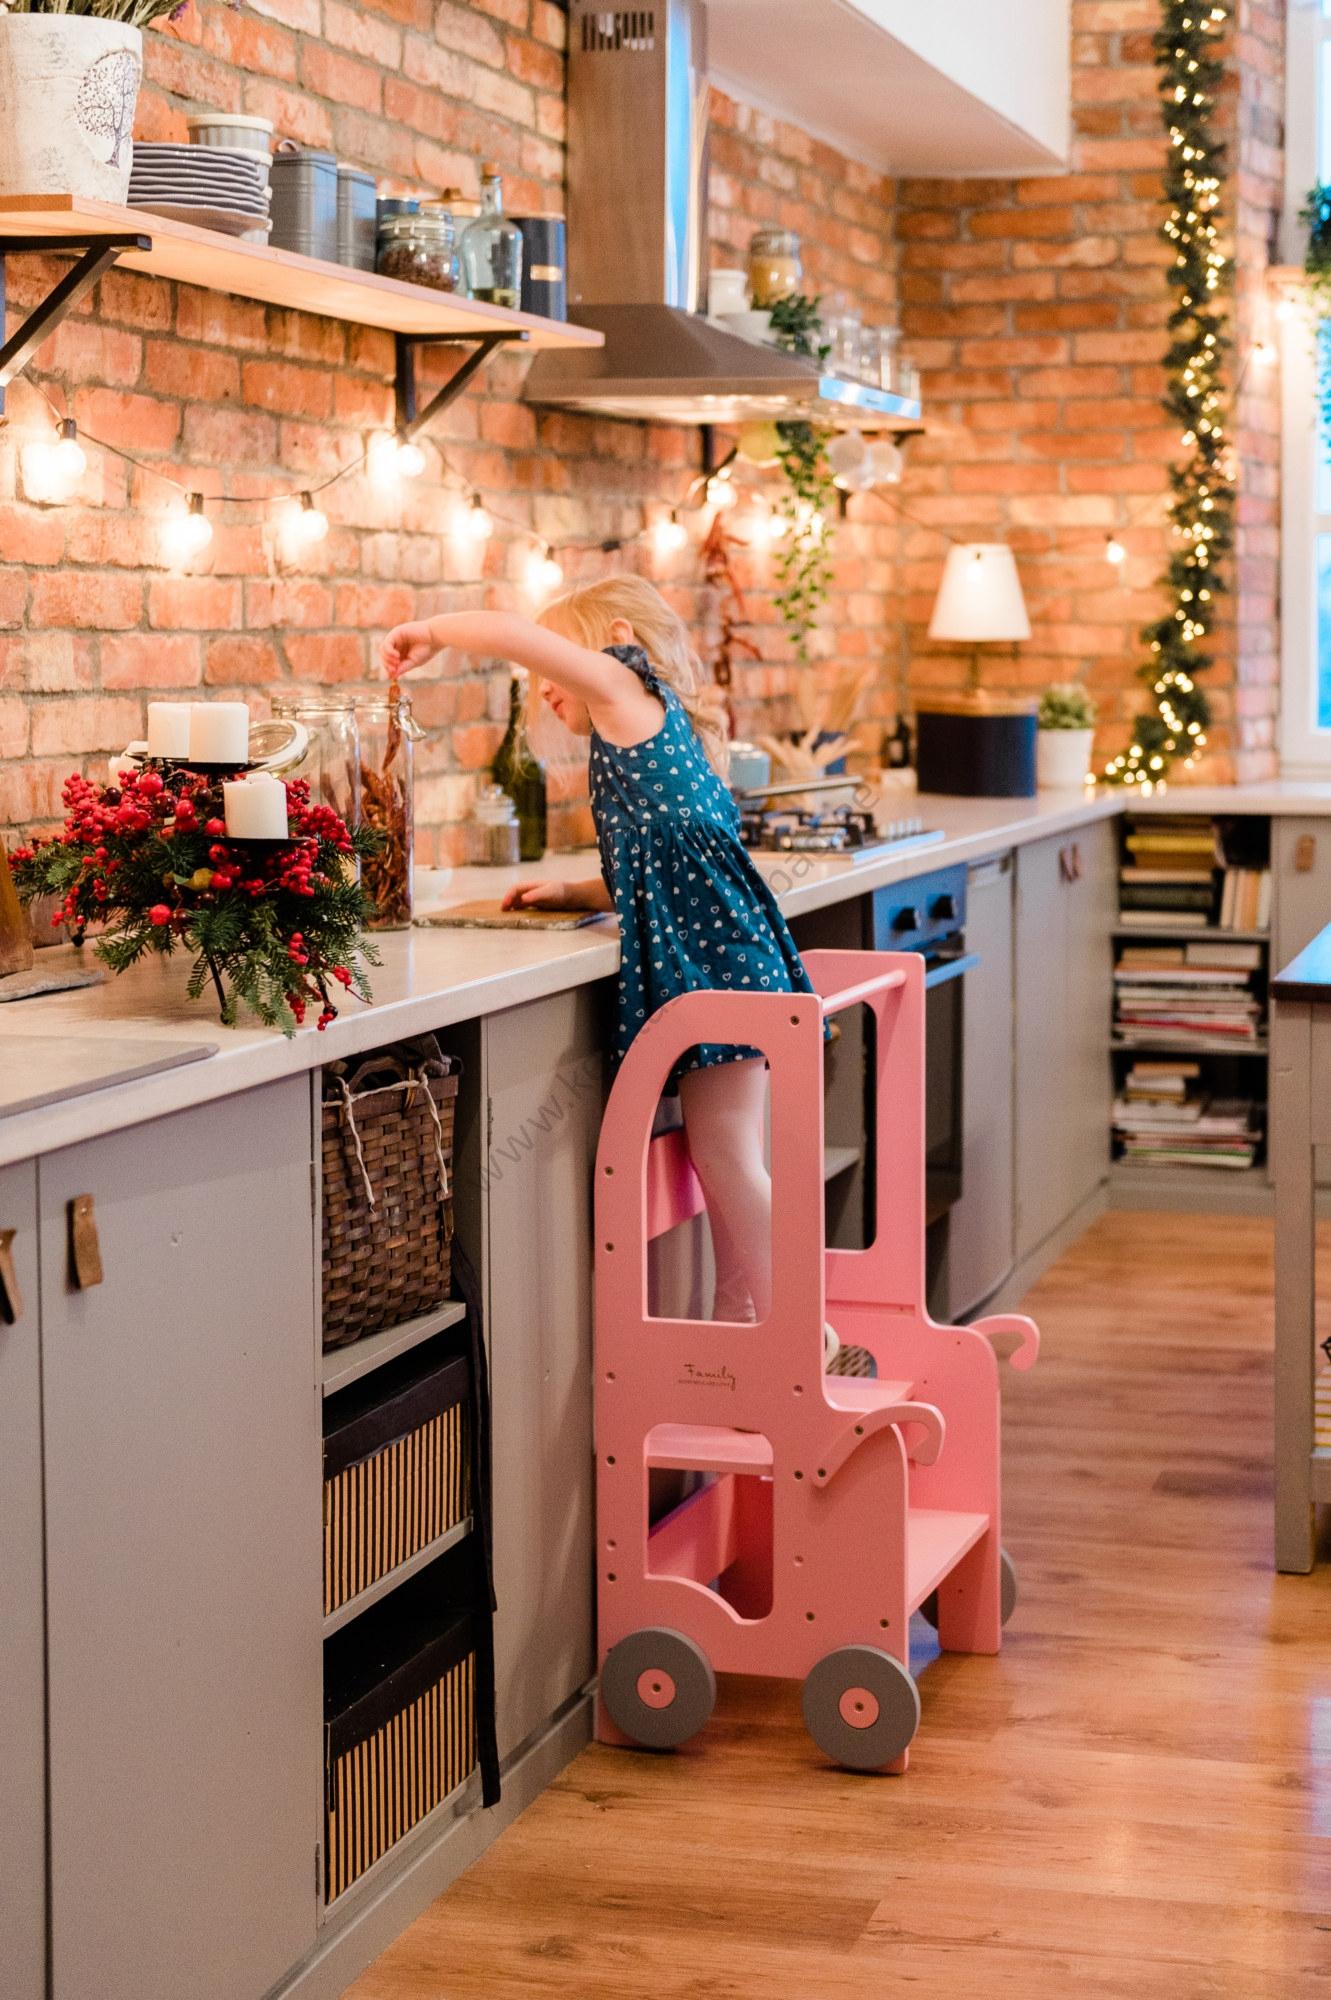 Laste köögitorn-pukk reguleeritava kõrgusega-21